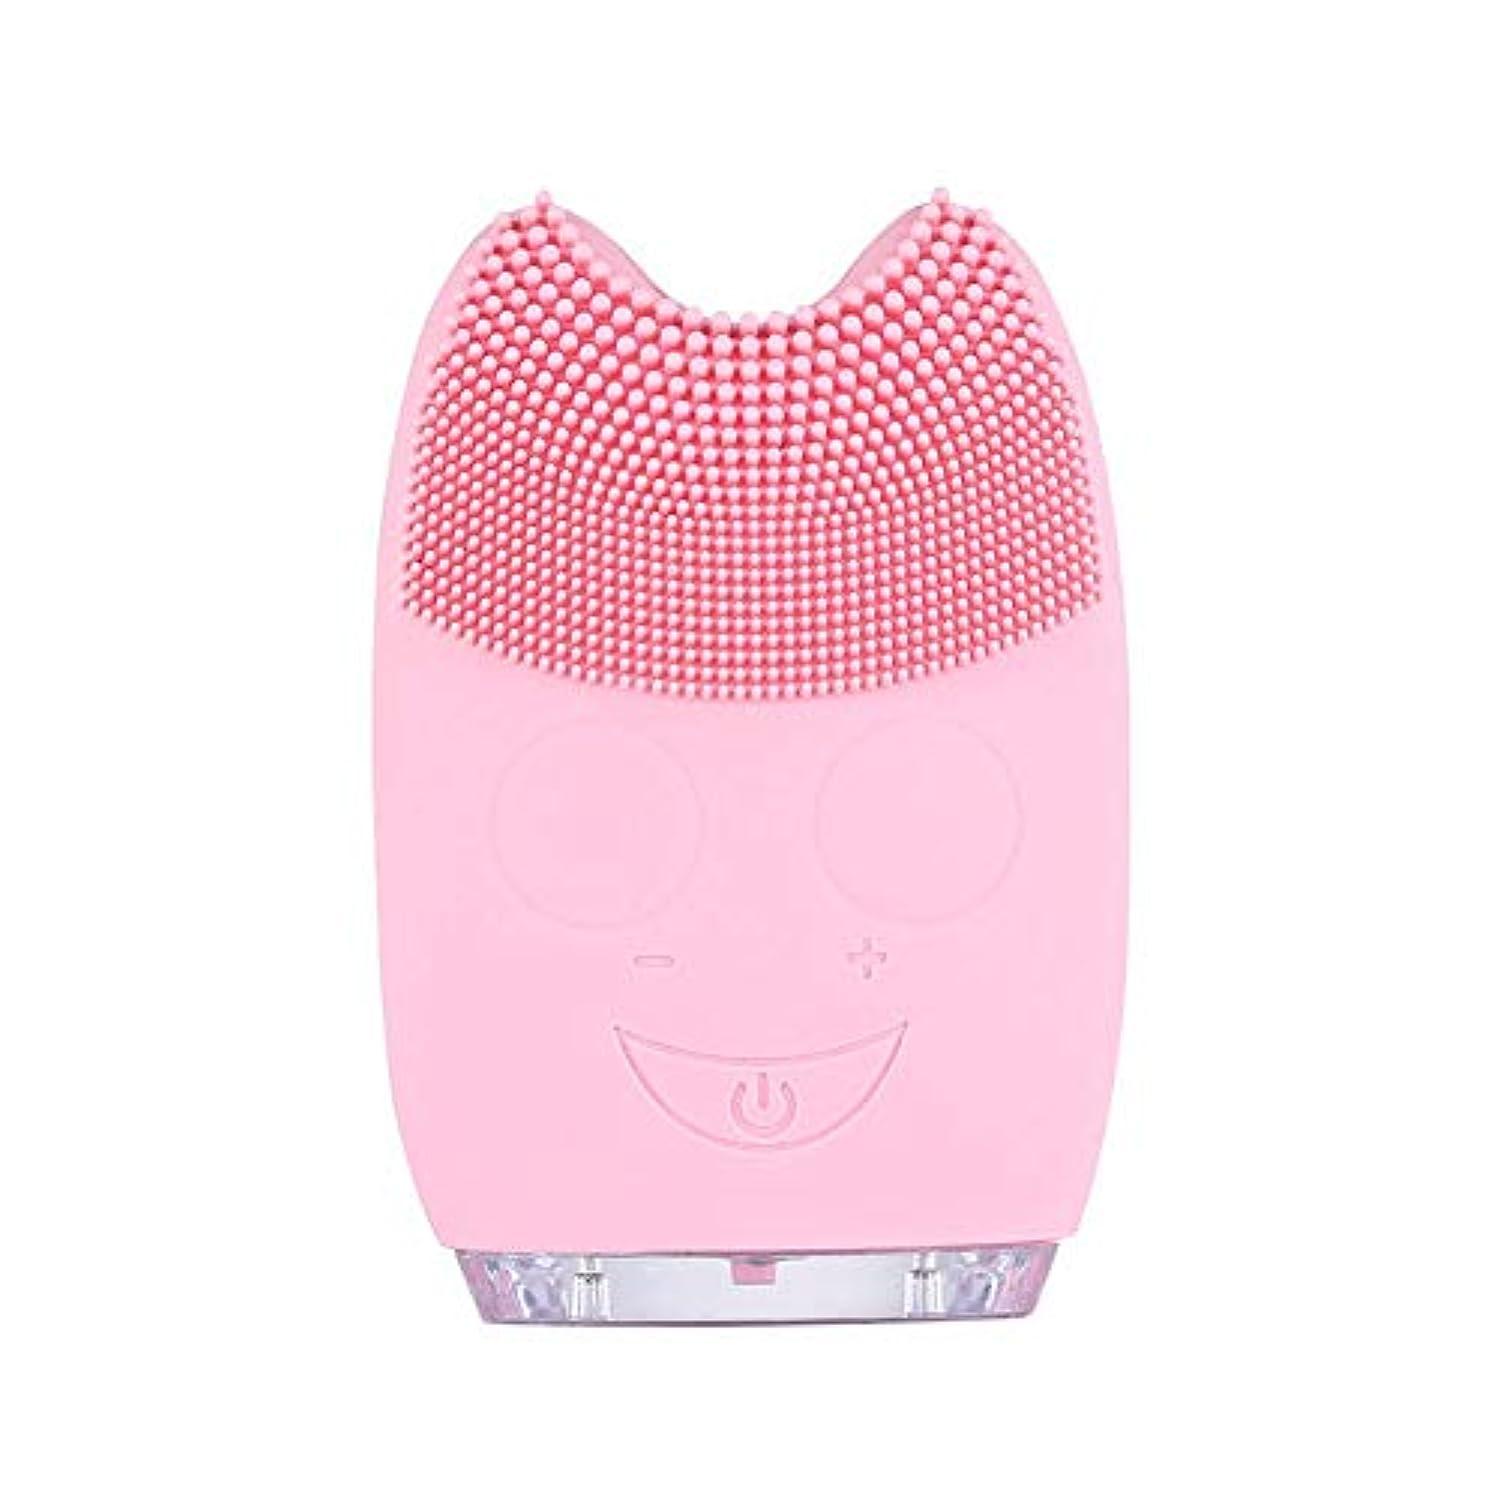 それから苦悩打倒洗顔ブラシ ソニックフェイシャルクレンジングブラシマッサージャー充電式電気シリコーン剥離フェイススクラブブラシ ディープクレンジングスキンケア用 (色 : ピンク, サイズ : 9.8*6.4*3cm)